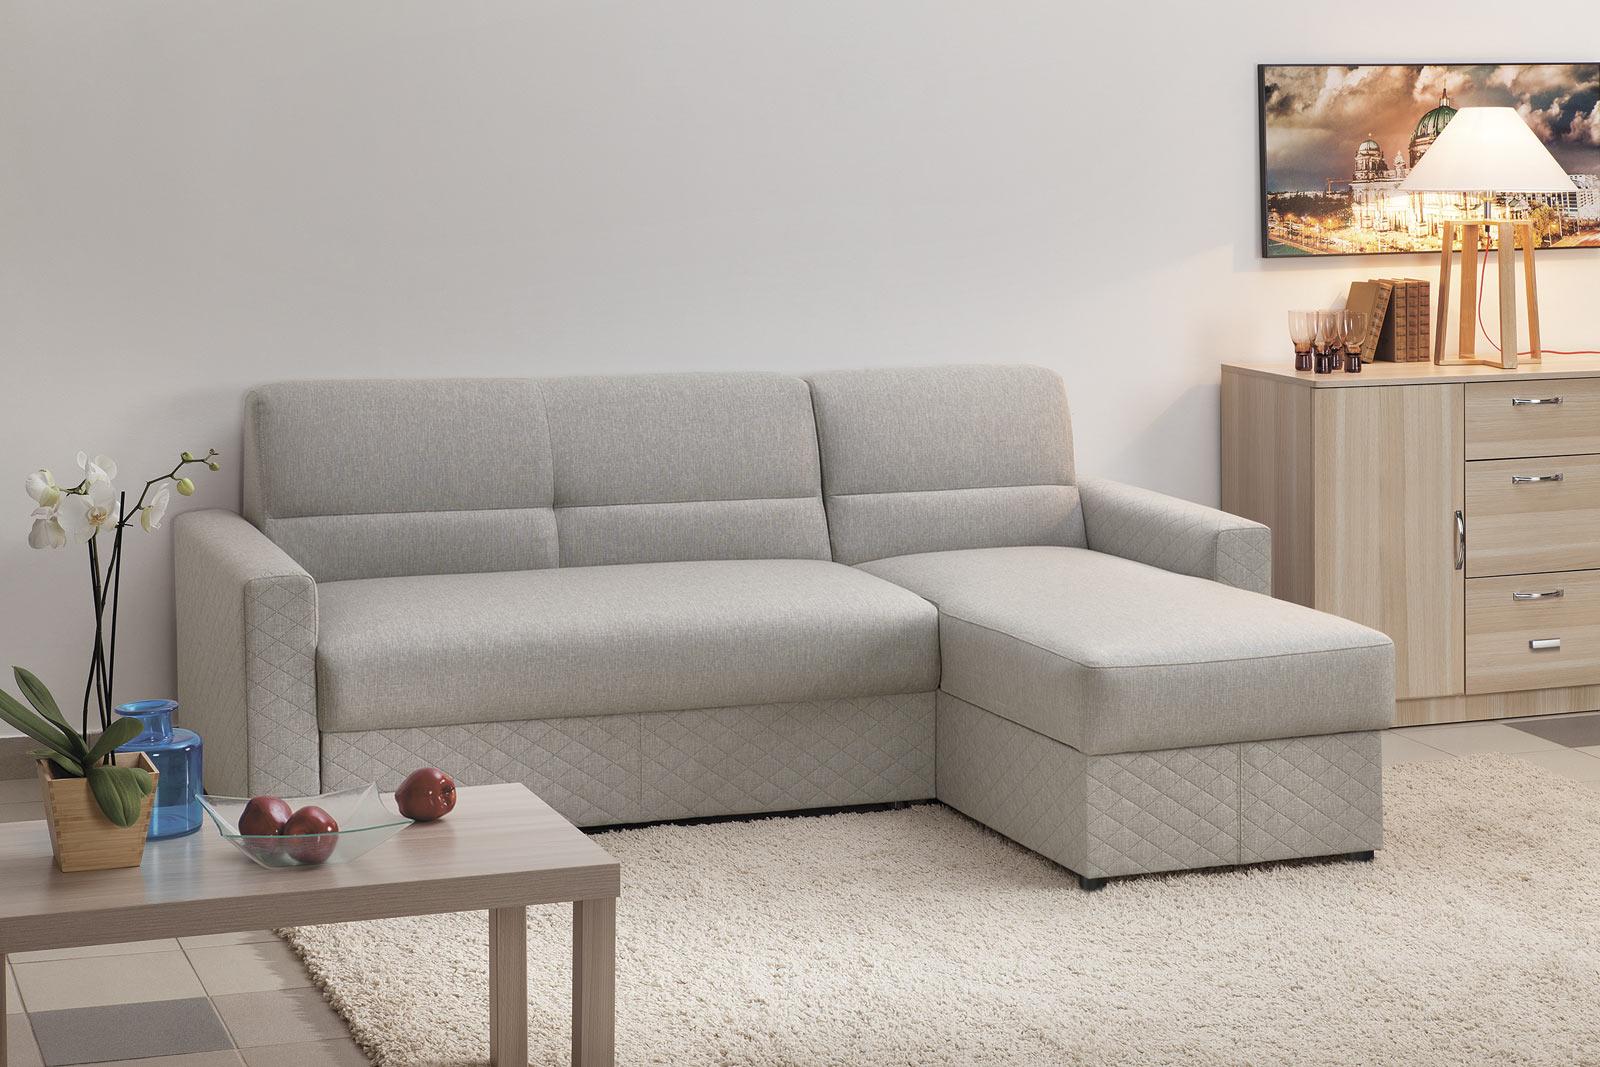 Как выбрать дивана для вашего дома